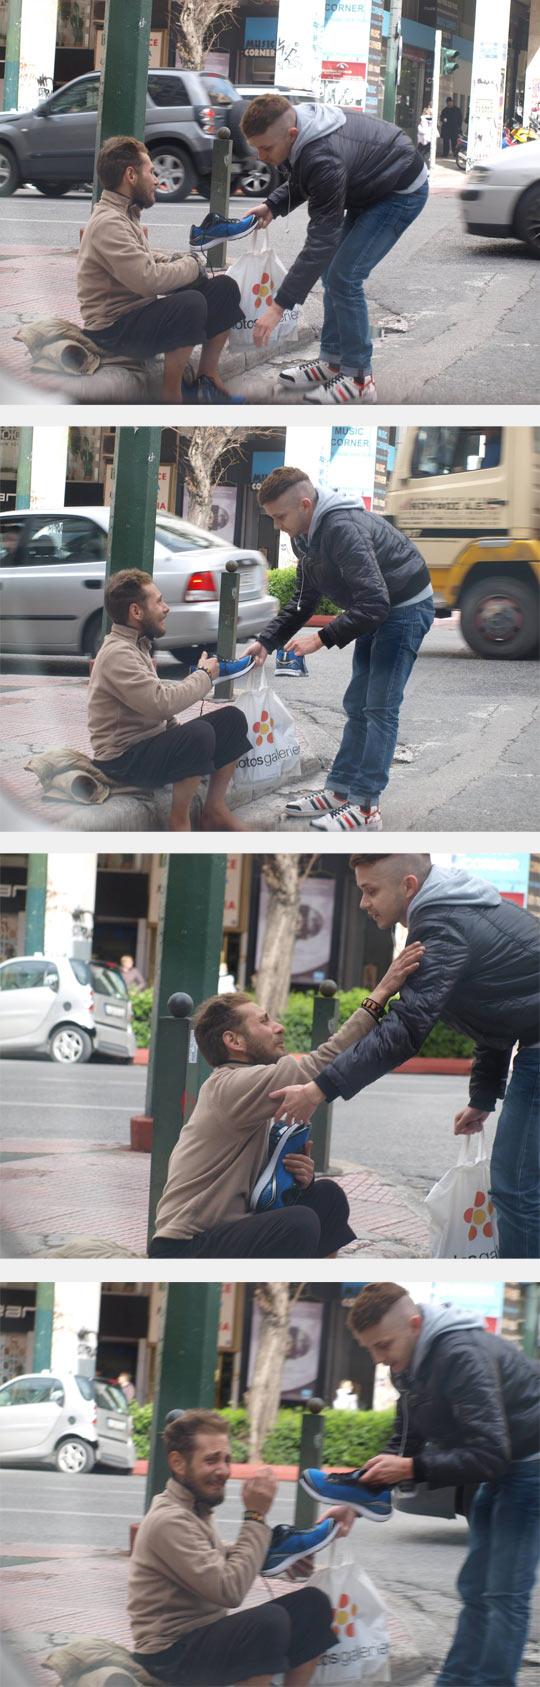 stranger-gift-homeless-shoes-street